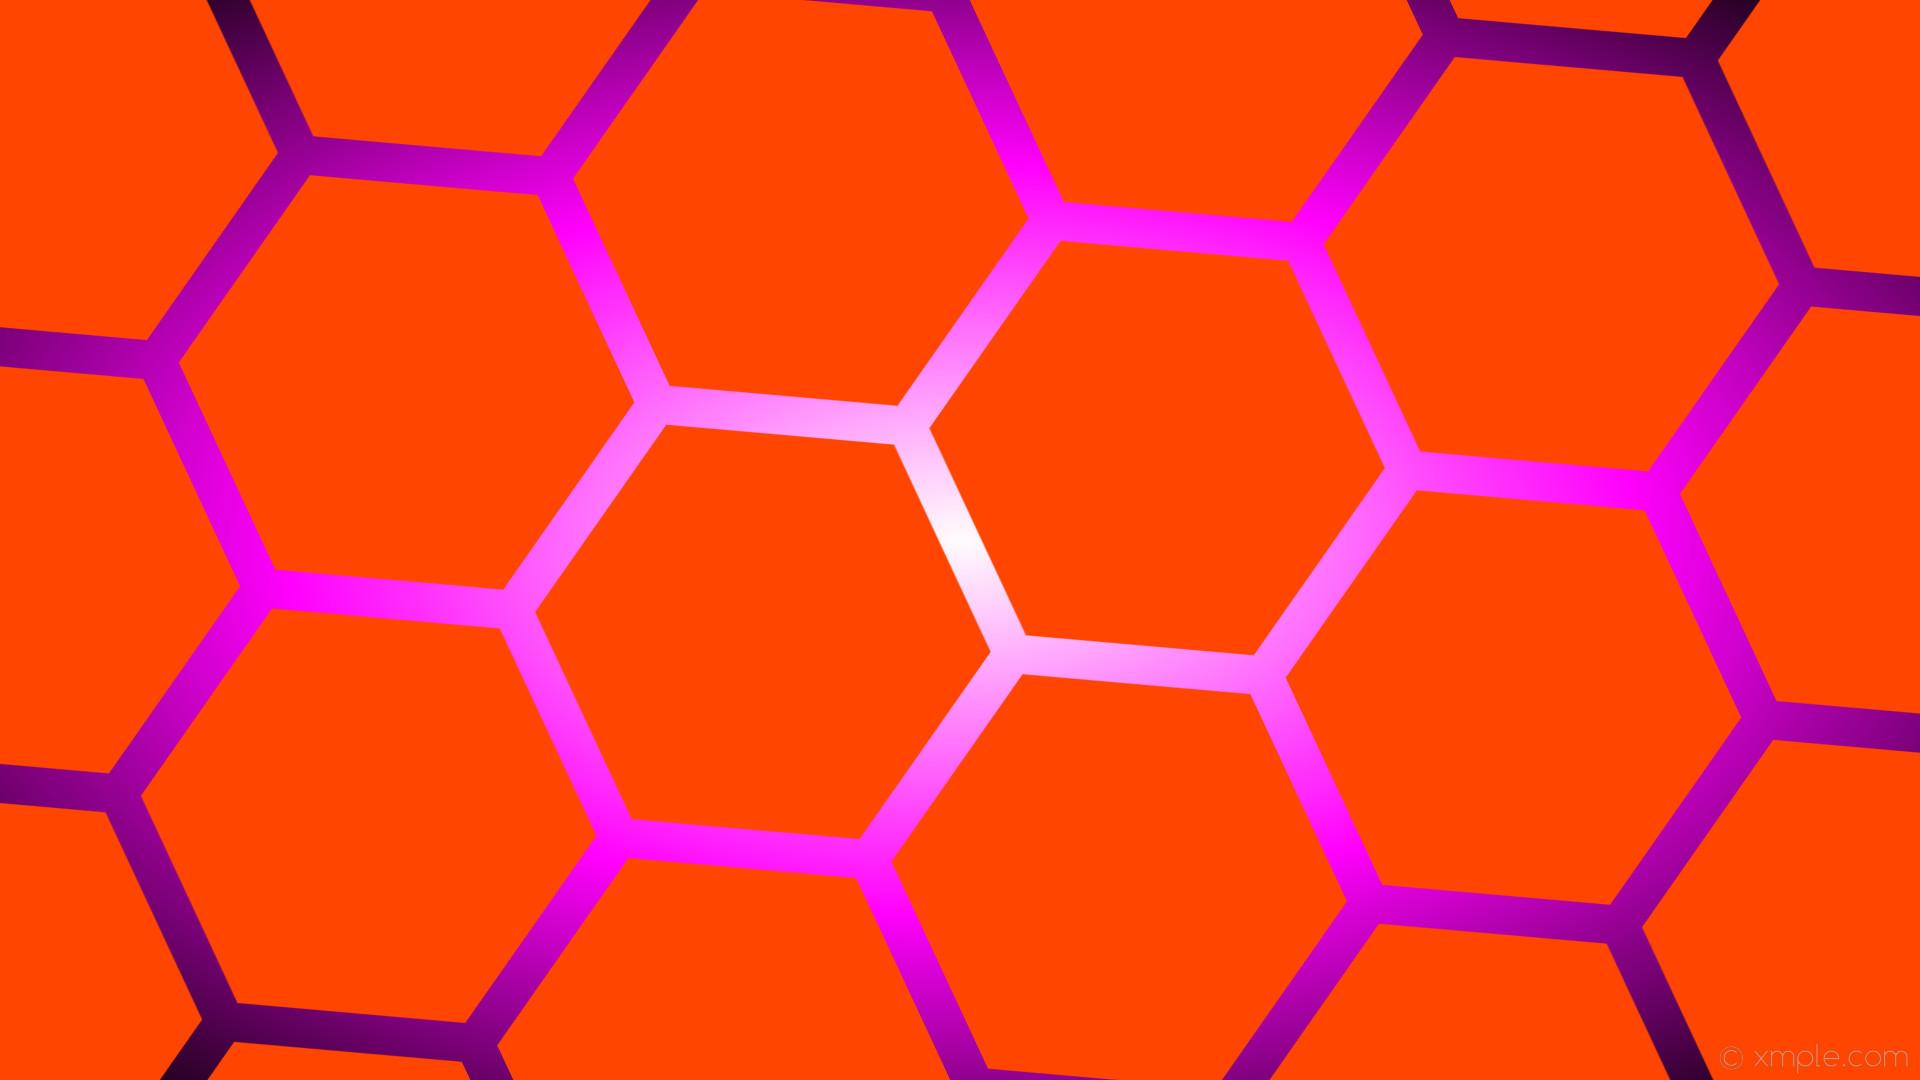 wallpaper glow gradient black purple white orange hexagon orangered magenta  #ff4500 #ffffff #ff00ff